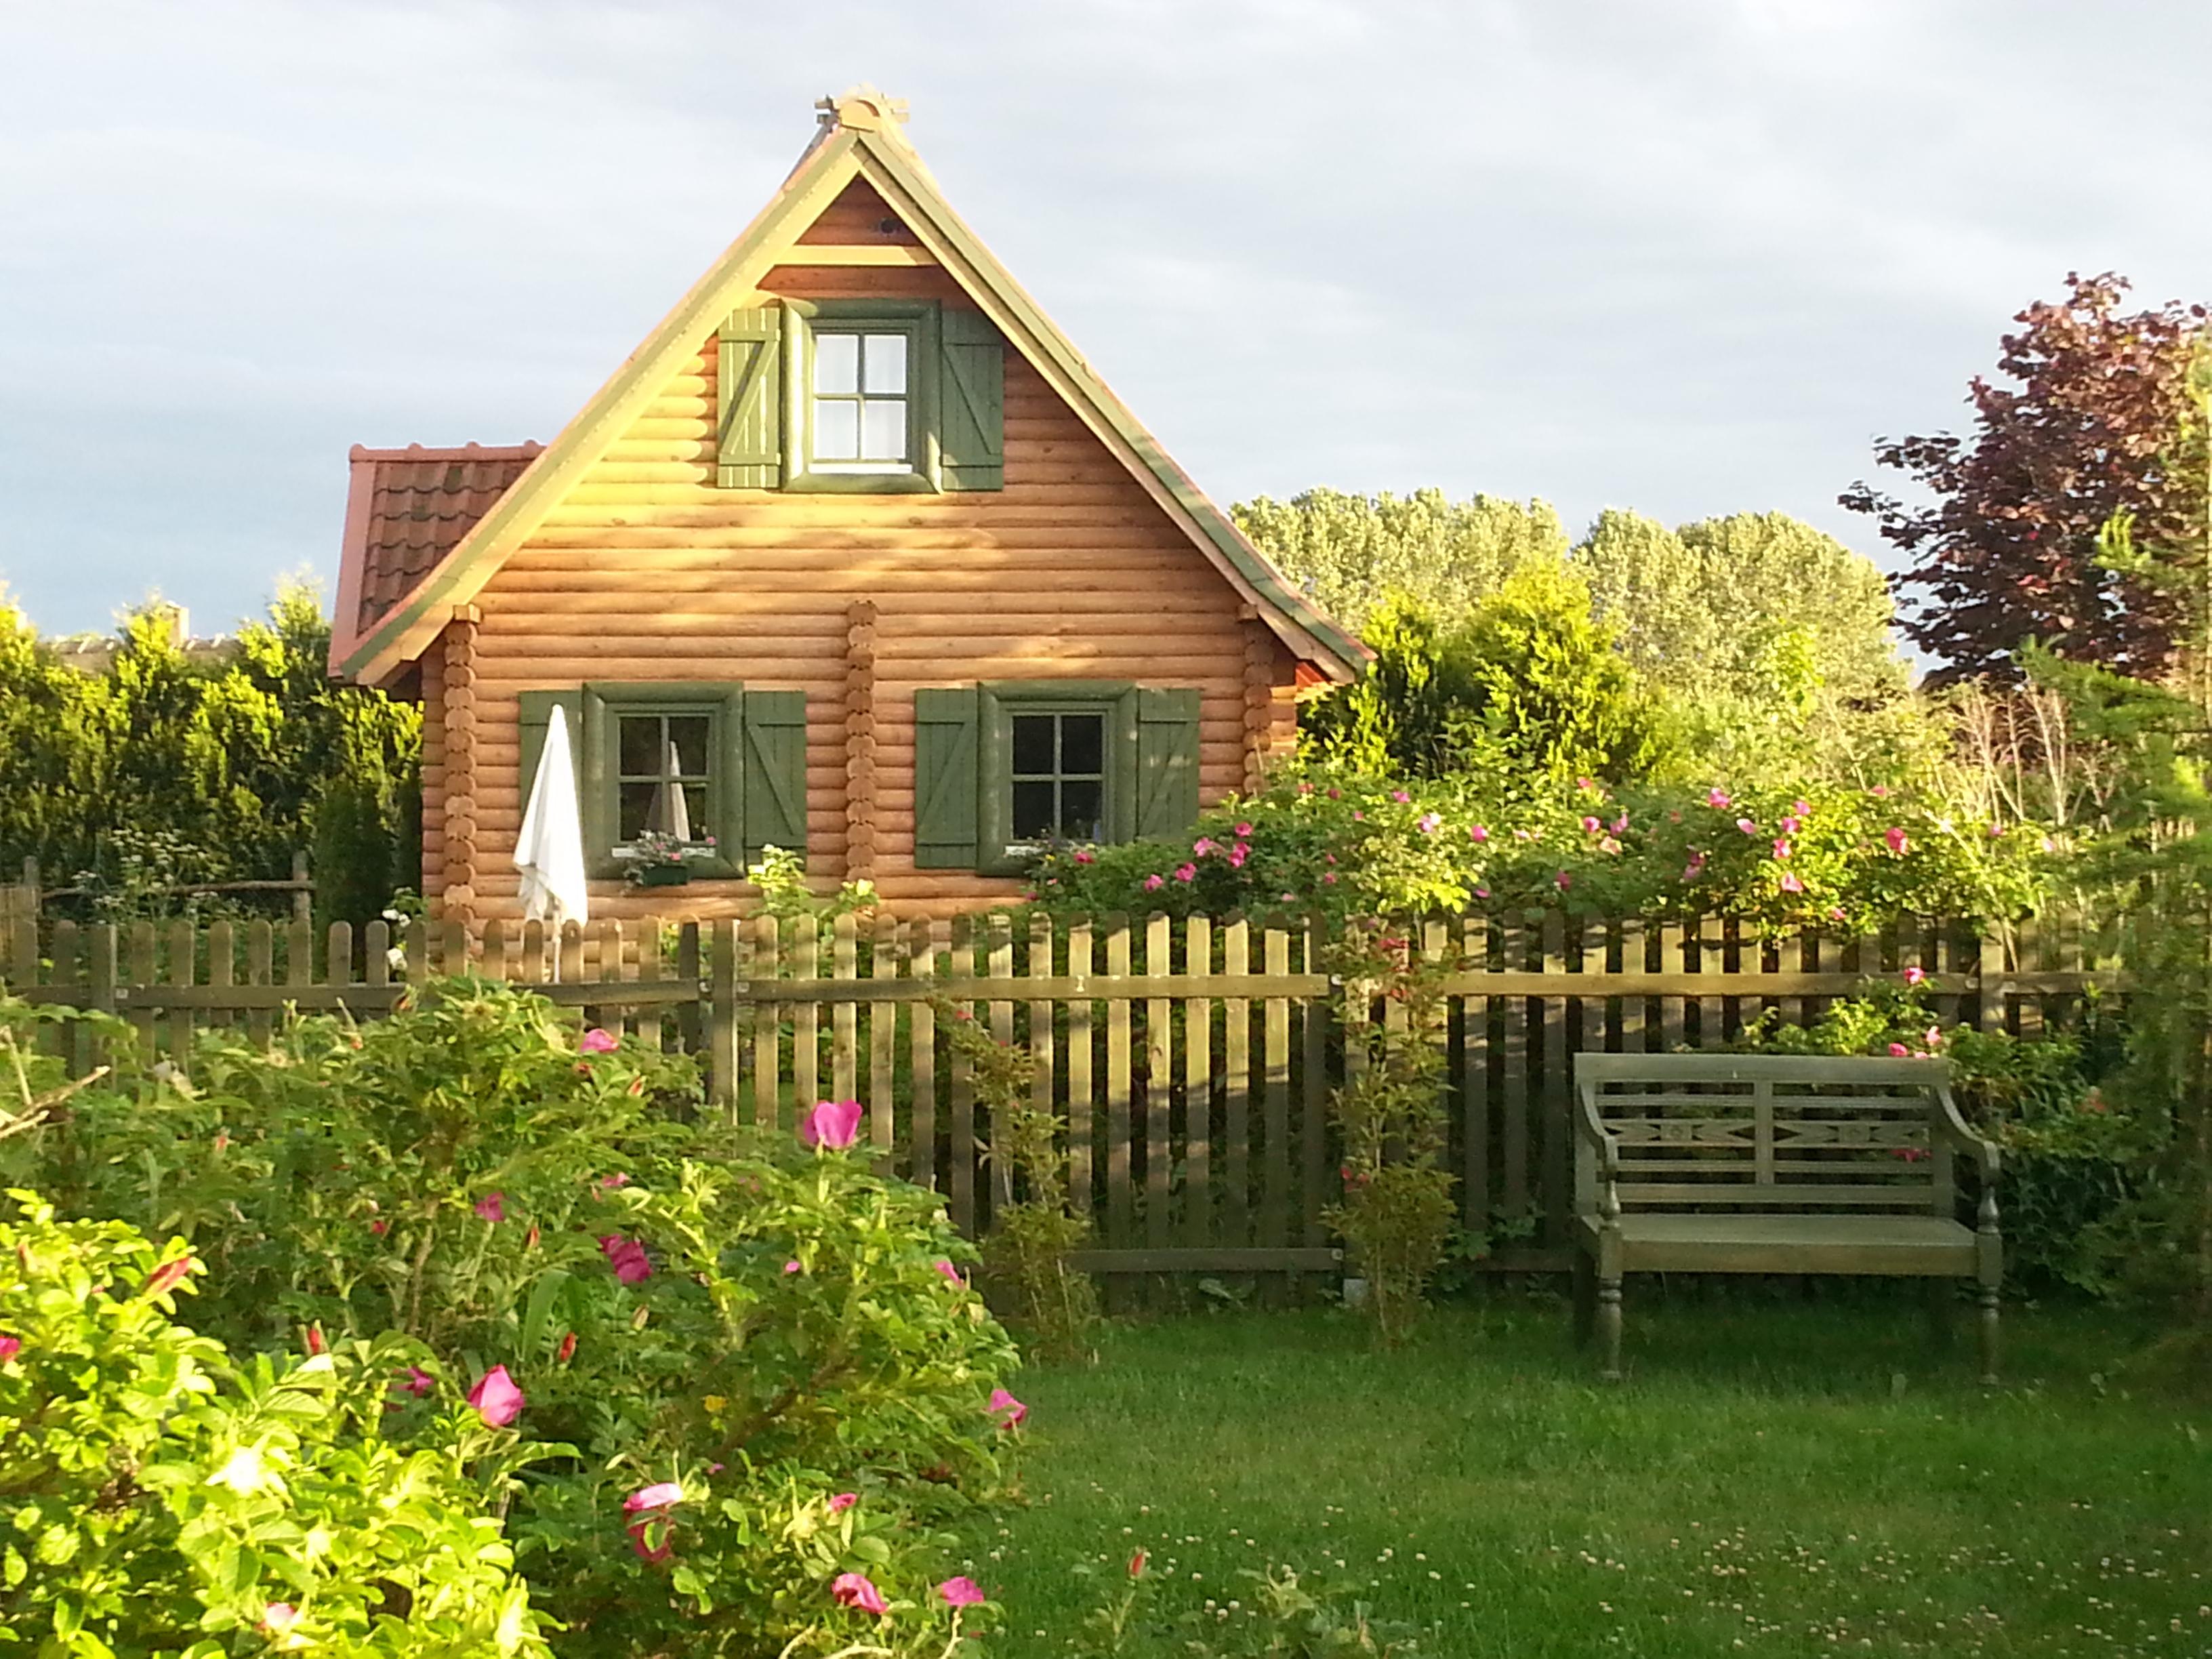 Domki letniskowe na Mazurach, mały domek w miejscowości Kal nad jeziorem Święcajty